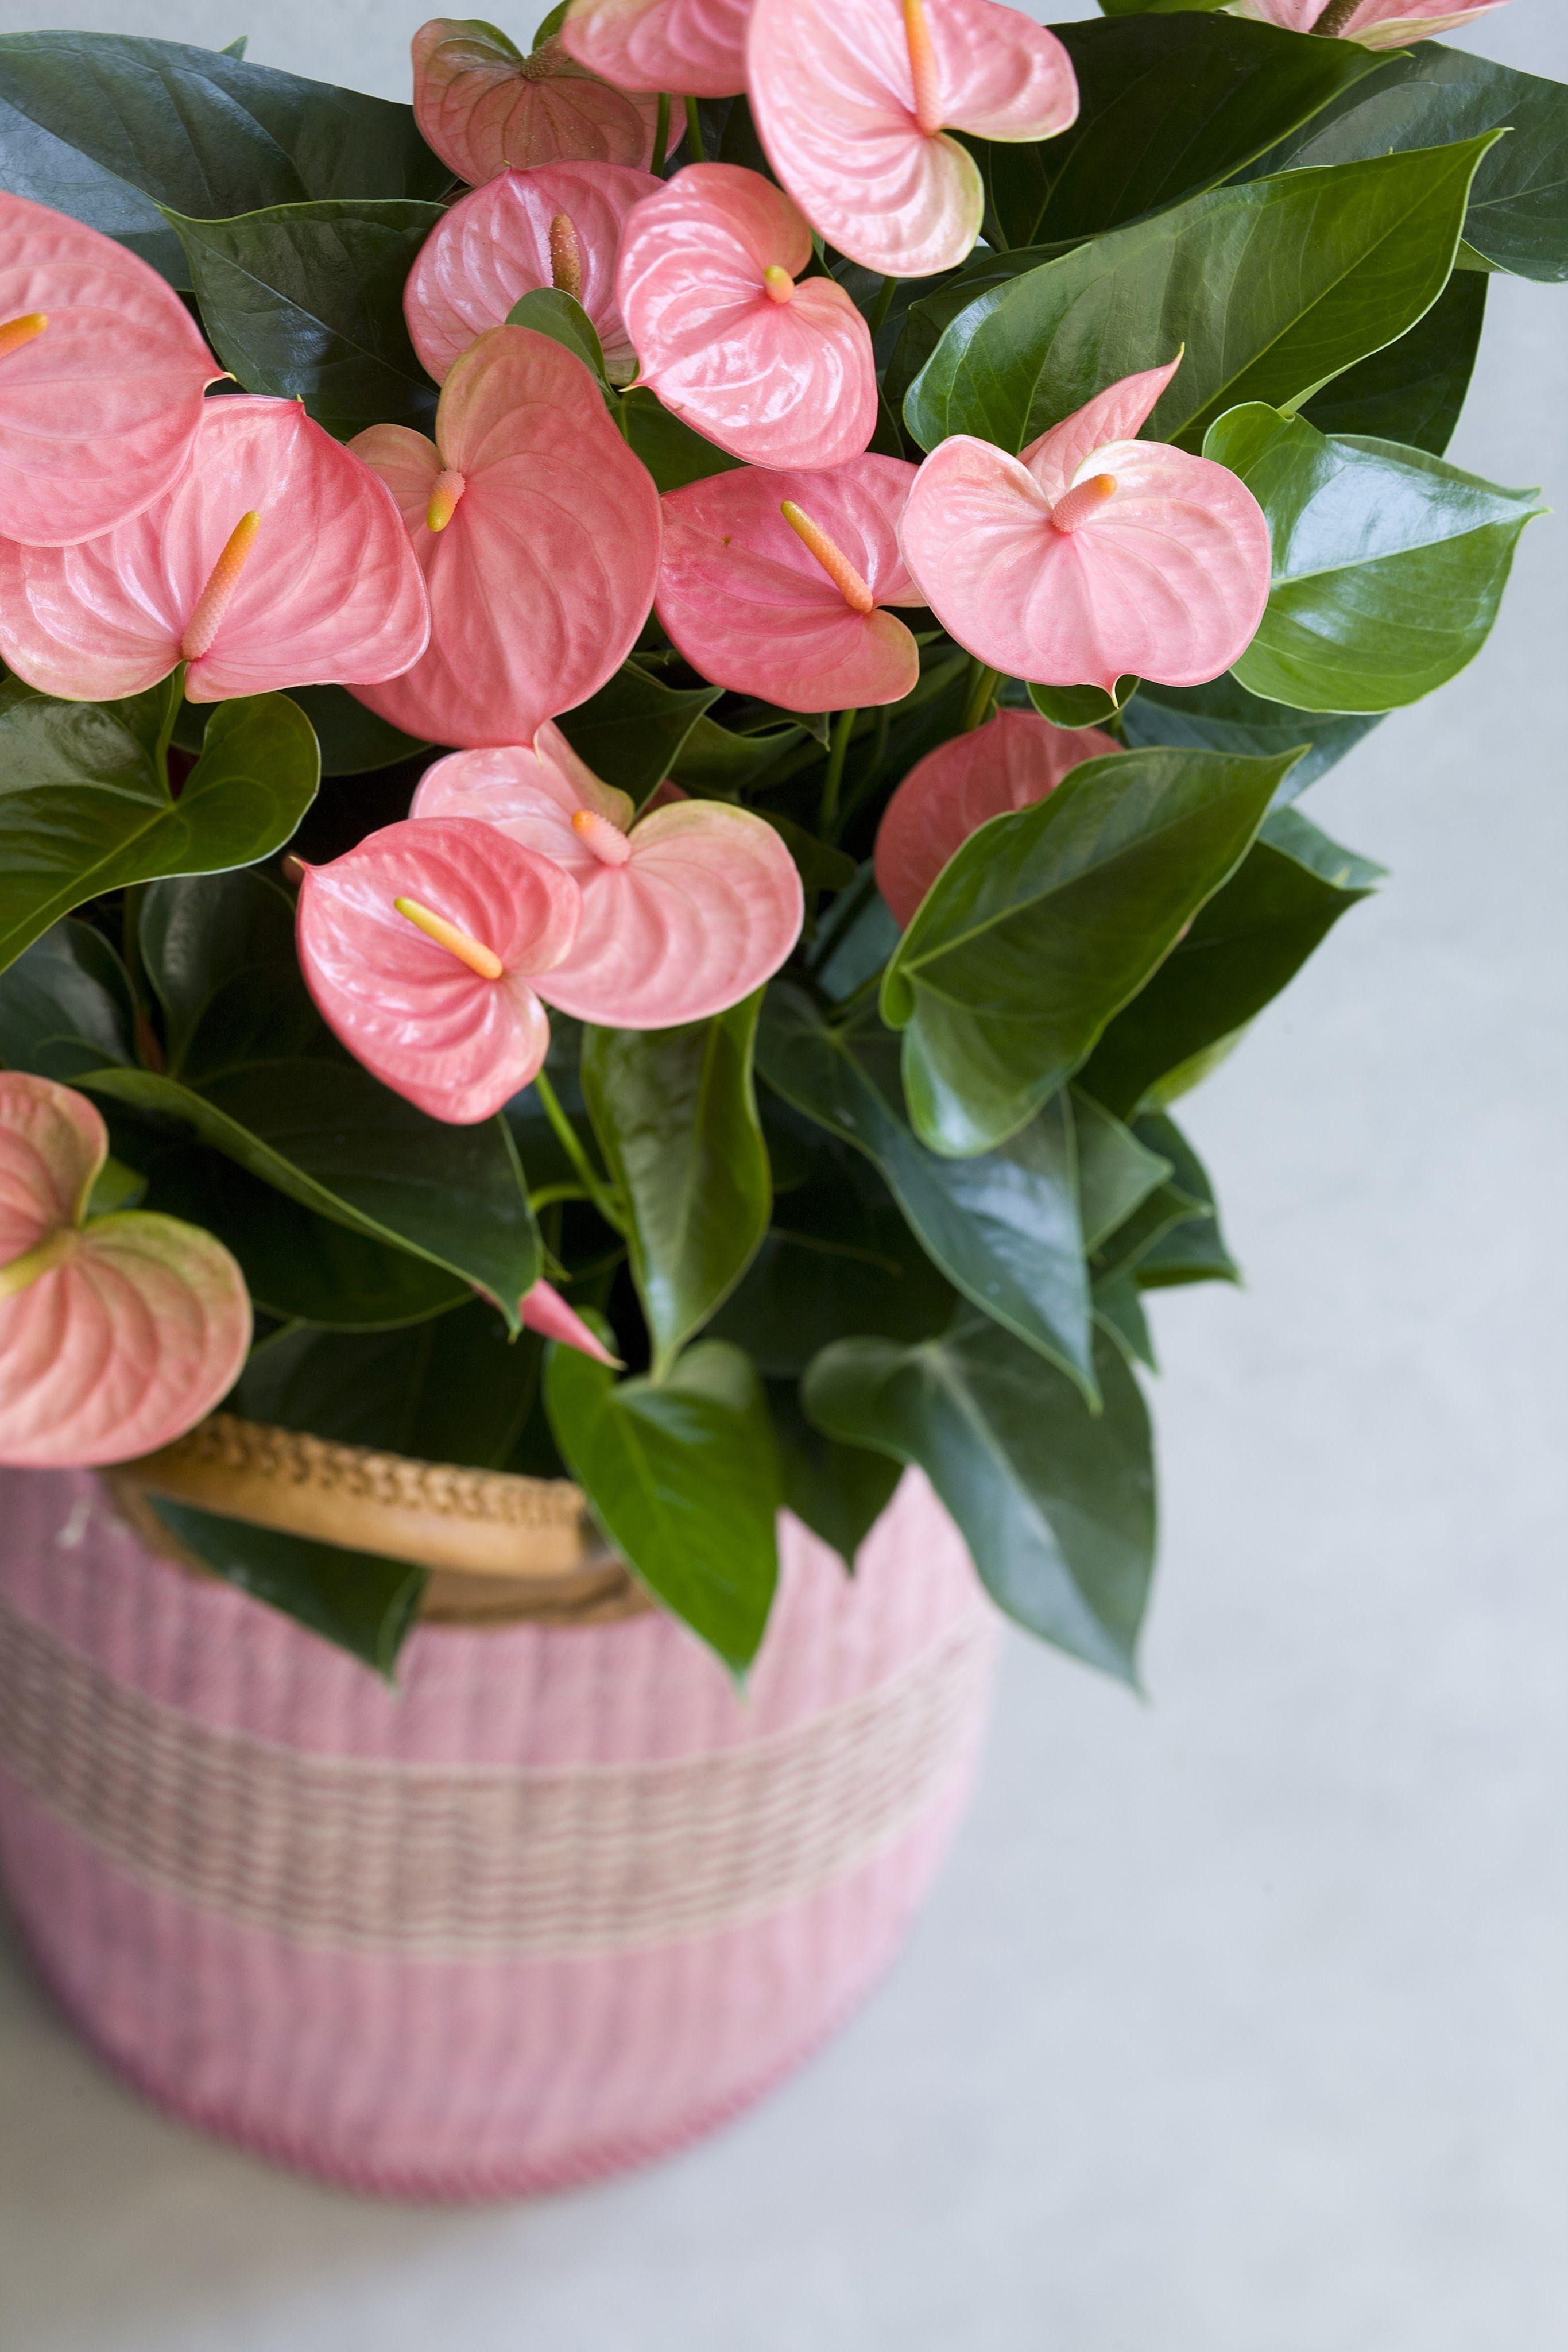 Hanging Porch Plants 7401896658 Hangingplantsdiyoutdoor Anthurium Flower Ornamental Plants Best Indoor Plants